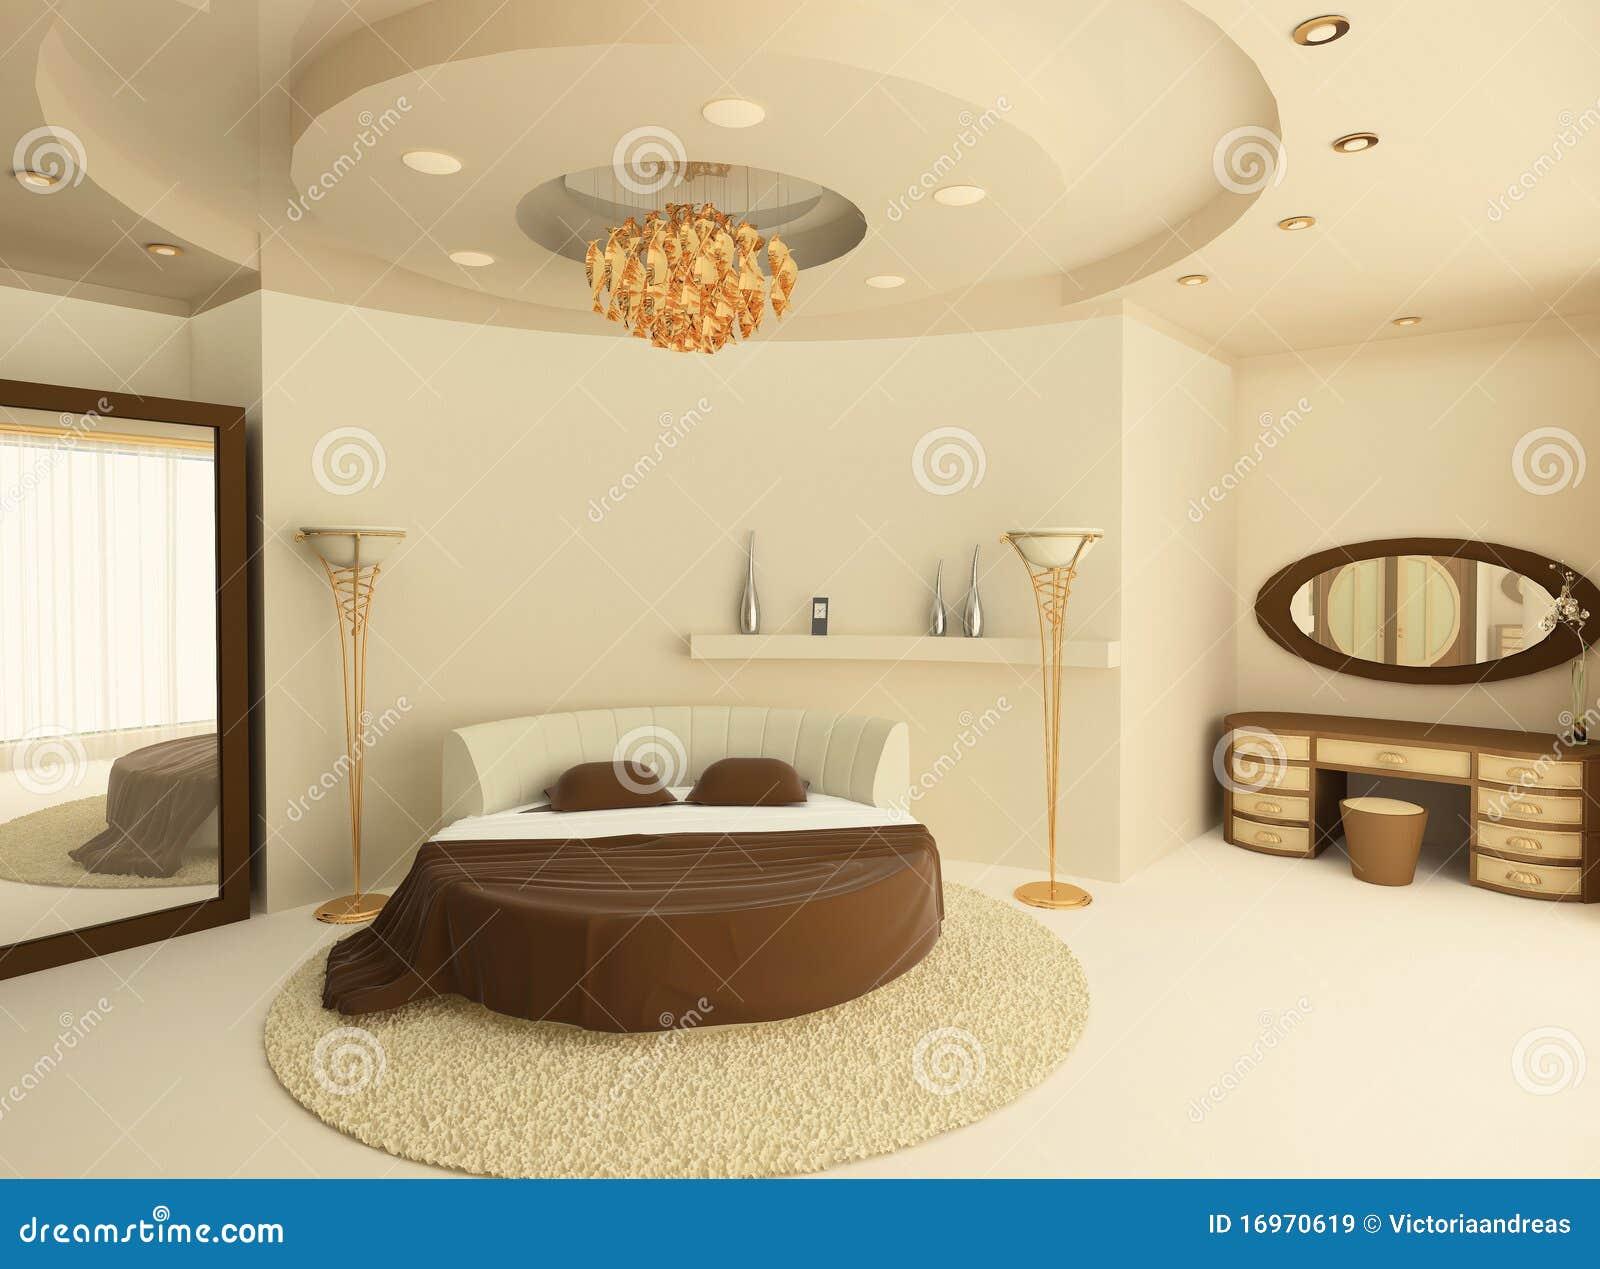 Дизайн потолка спальни гипсокартоном